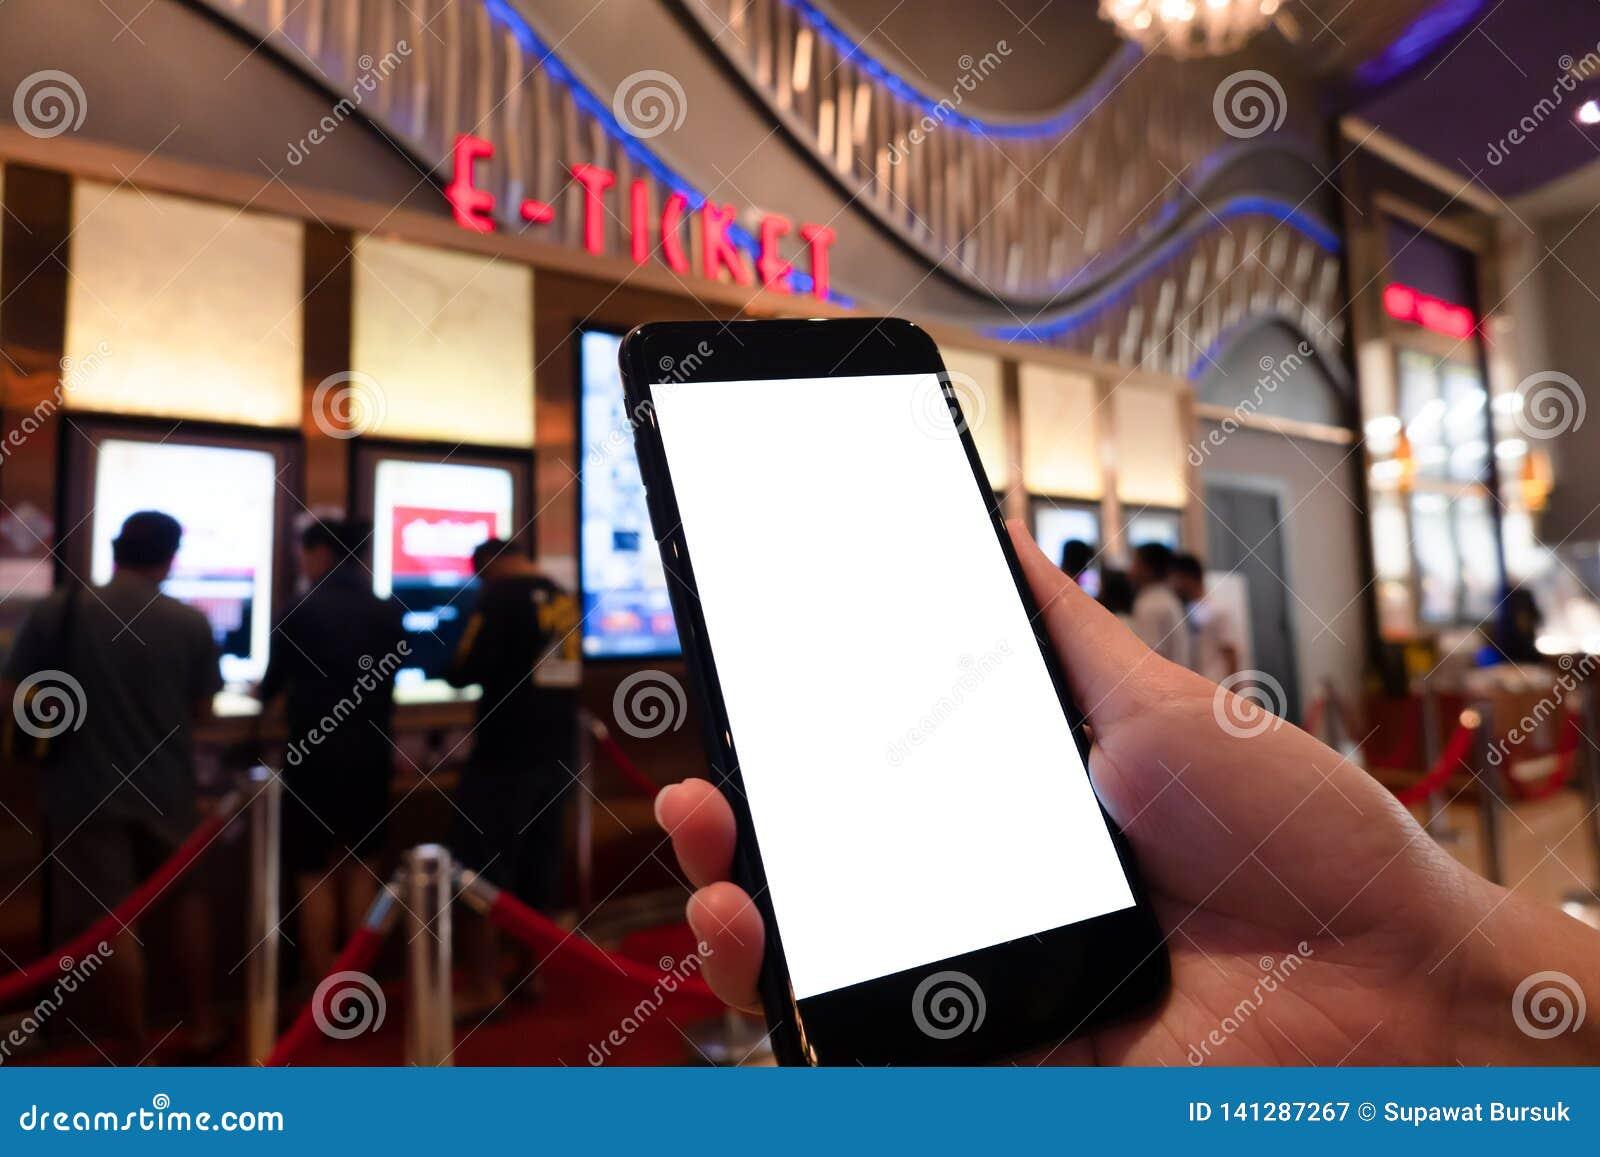 拿着流动大模型设计和其他的妇女手的大模型图象智能手机白色屏幕应用程序显示背景